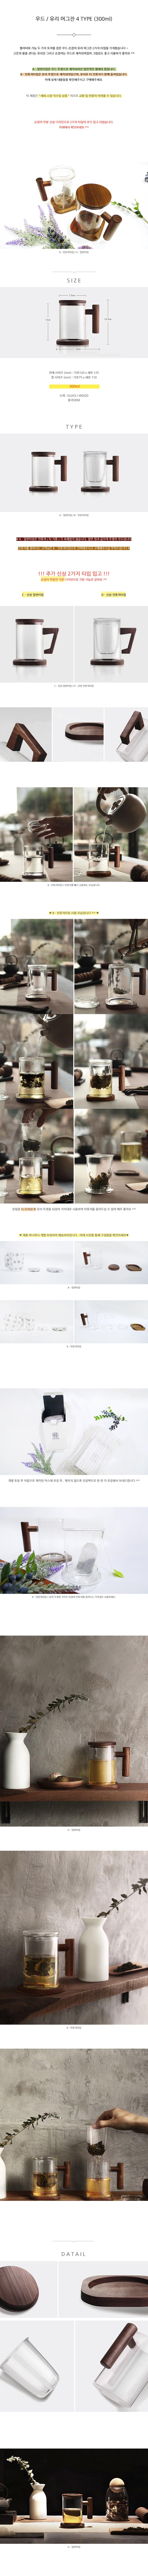 우드  유리 머그잔 4 TYPE (300ml) - 일삼육오일, 25,000원, 머그컵, 심플머그